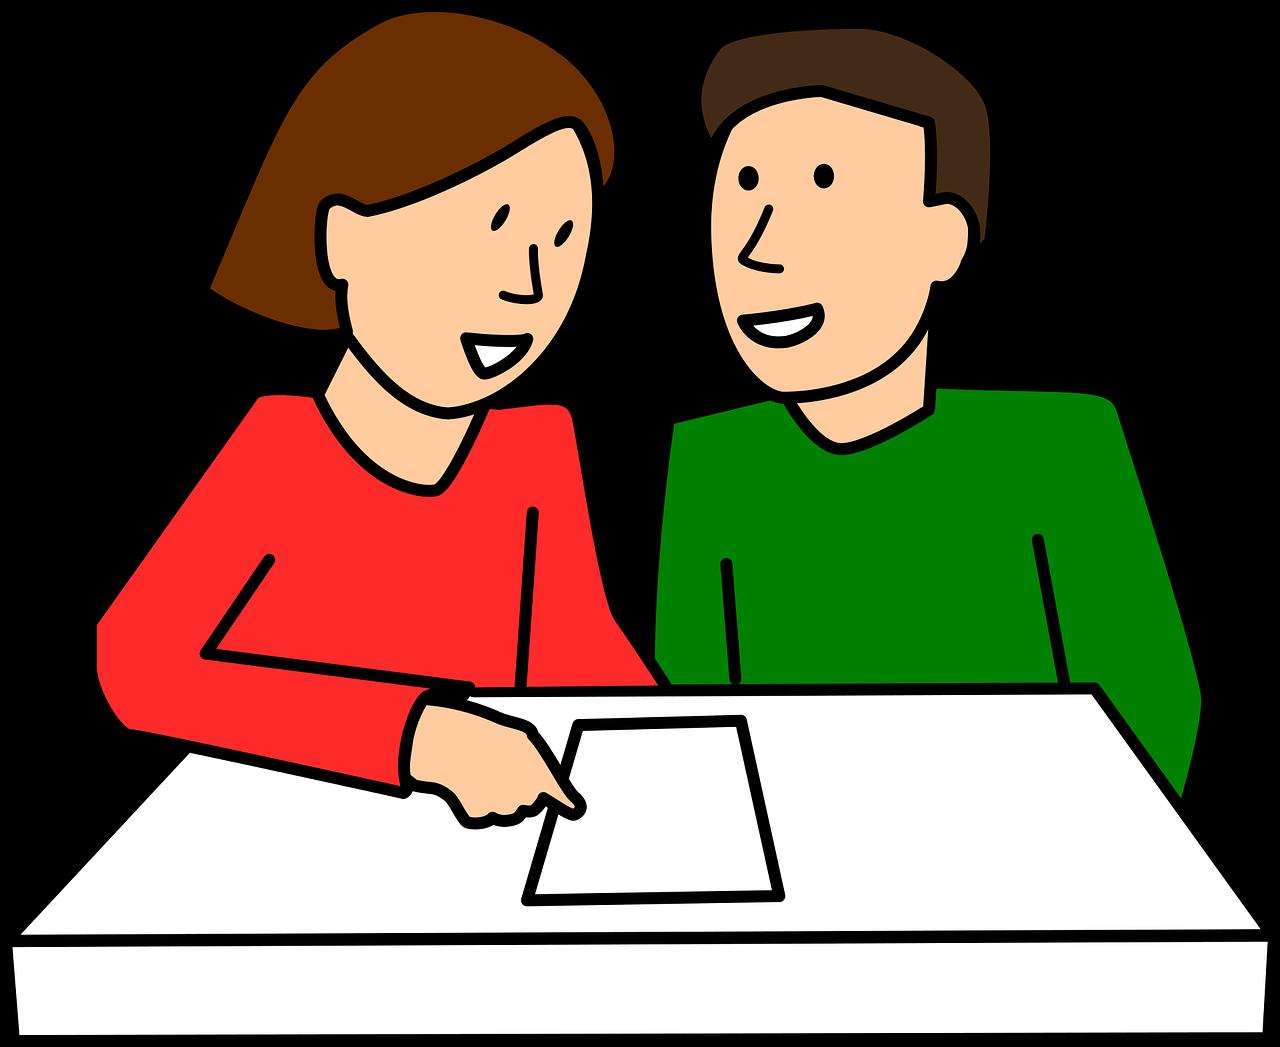 Σκίτσο με 2 σπουδαστές που μαθαίνουν ιταλικά